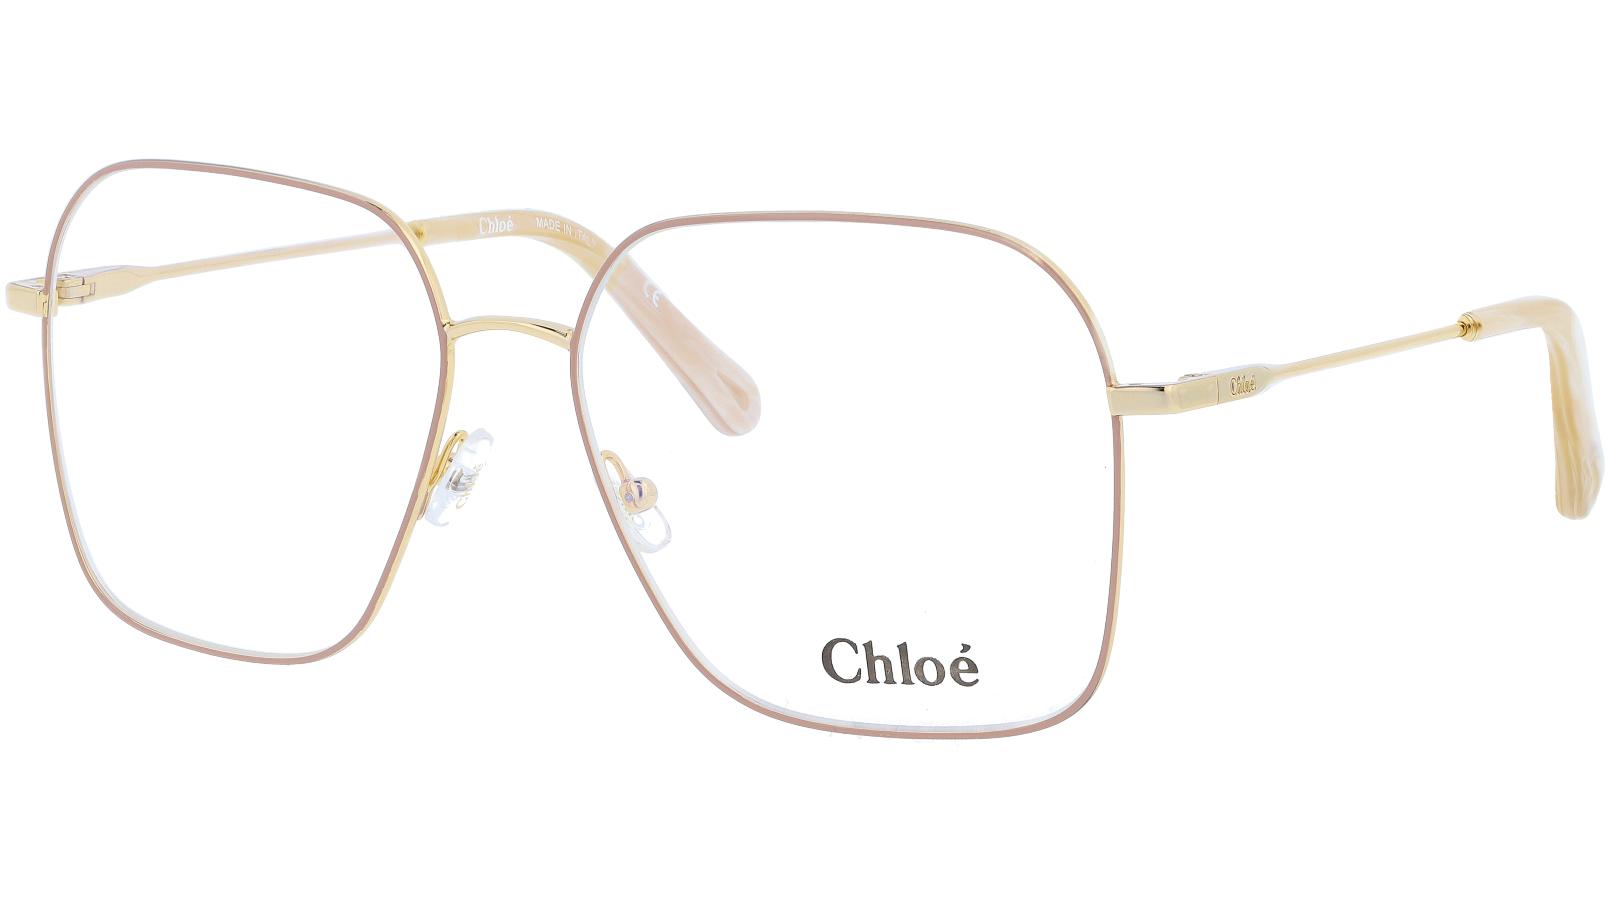 Chloé CE2135 798 59 Gold Glasses